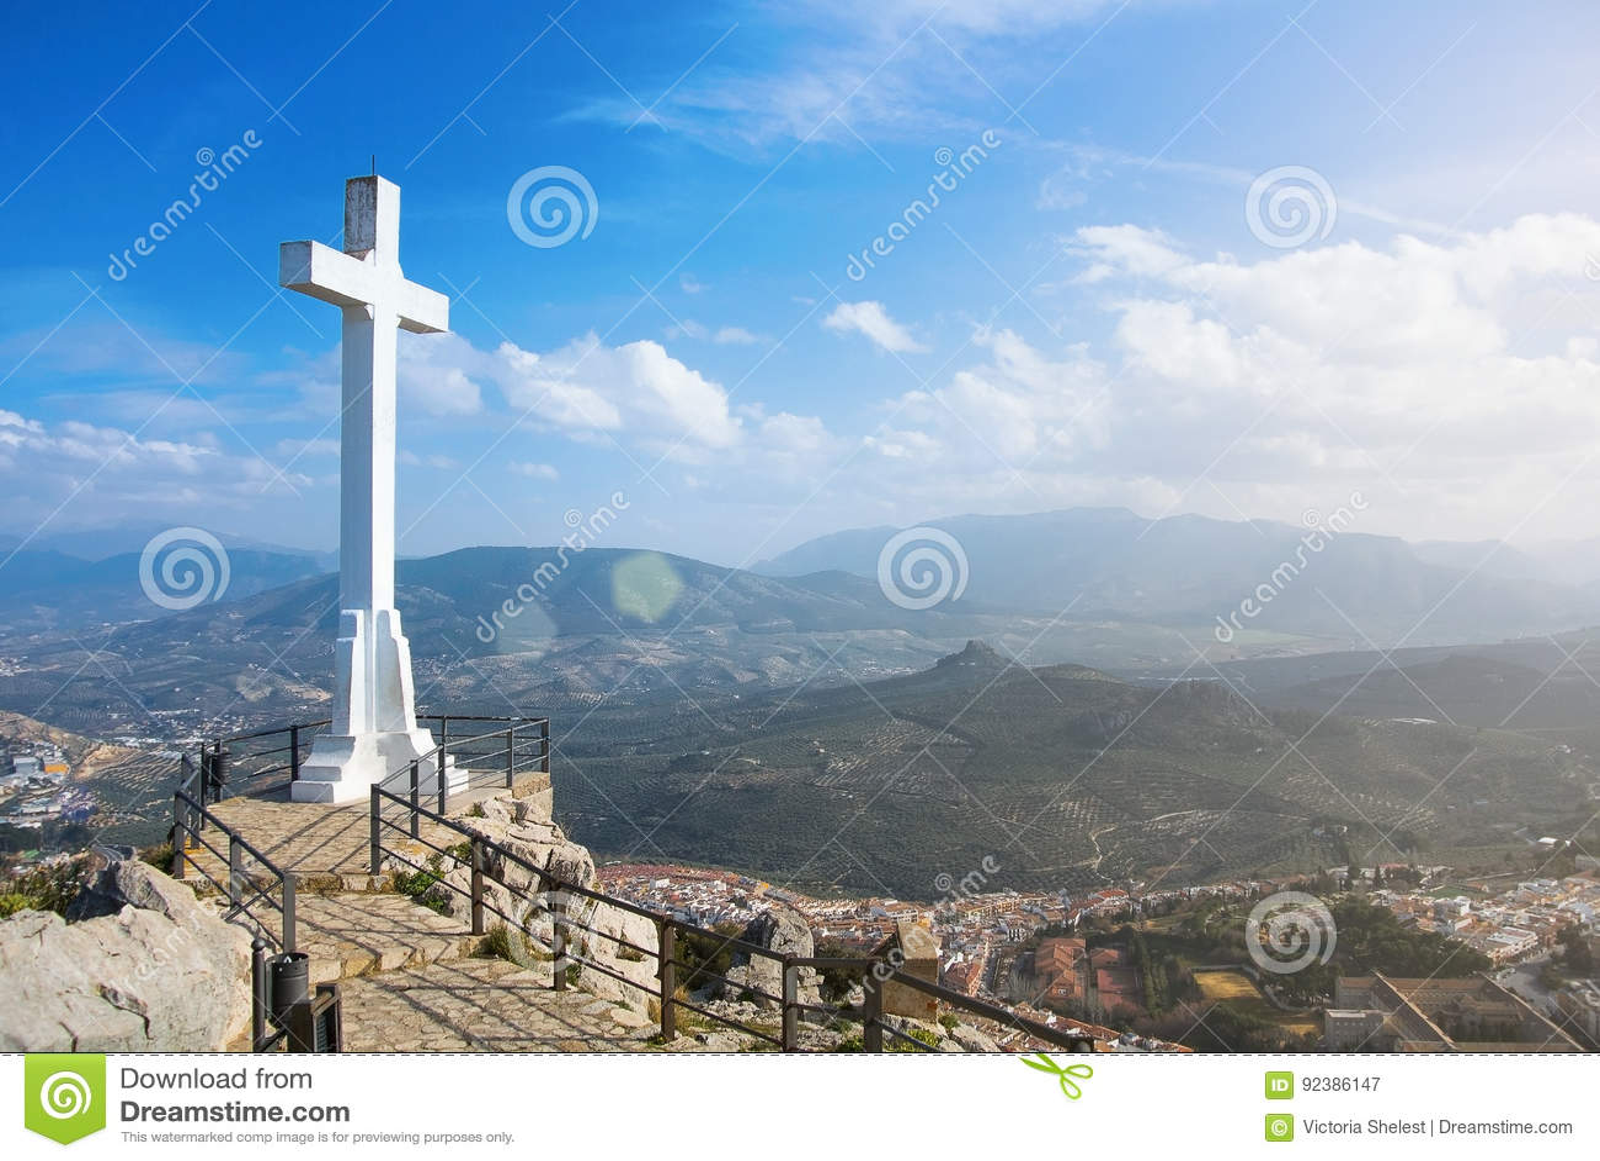 Белое пересекает сверх городок Jaen на гору, символ городка с горами Сьерры Magina на предпосылке на солнечный день